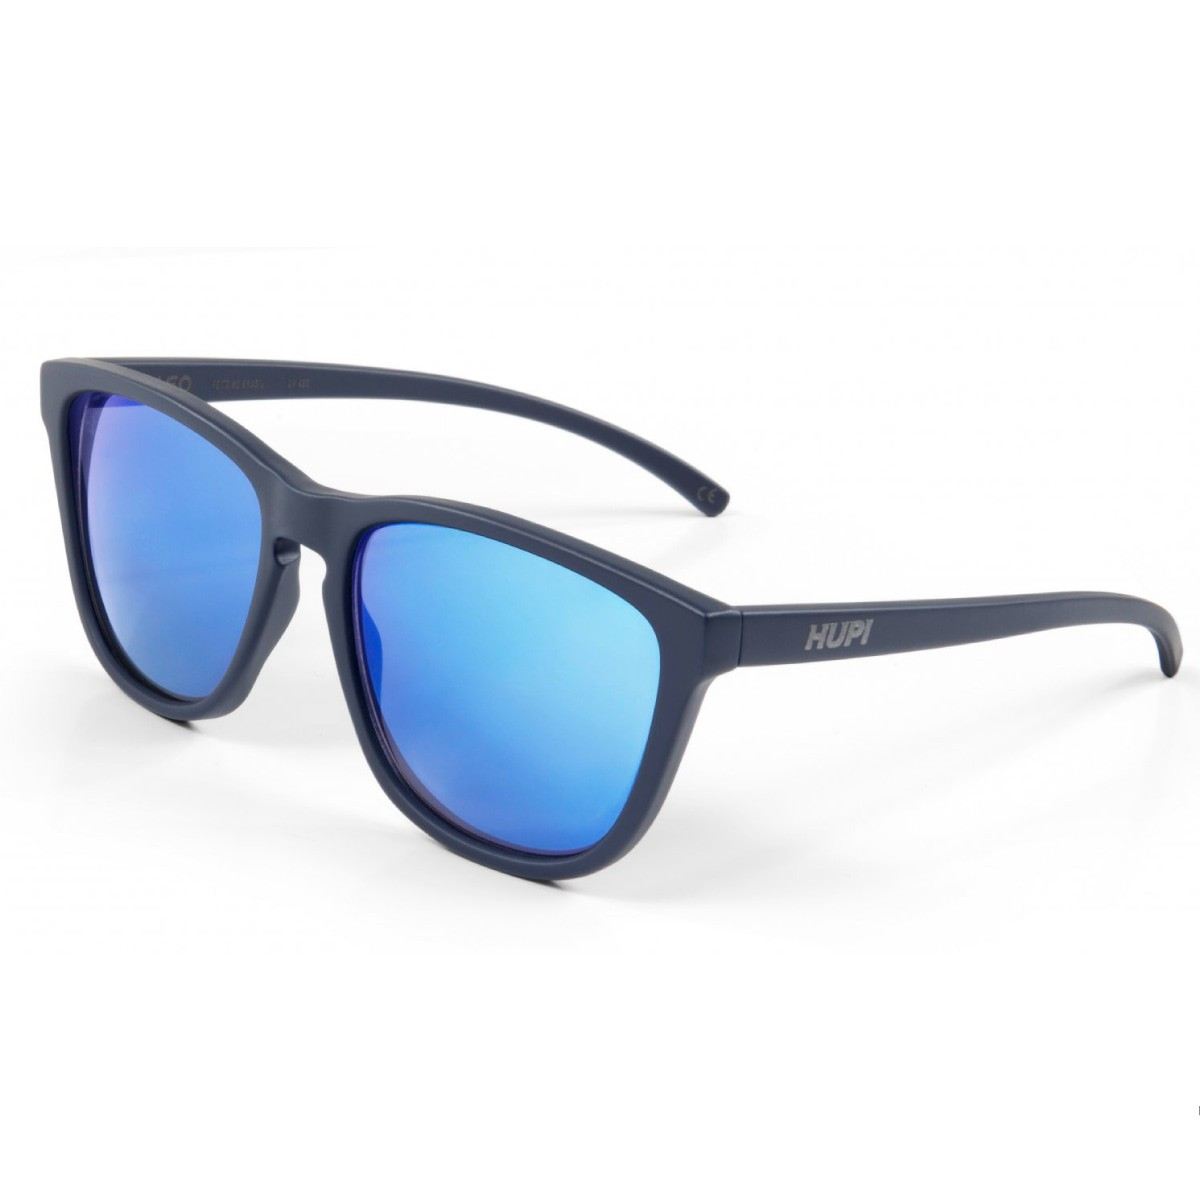 Oculos Hupi Azul Lente Azul Espelhado